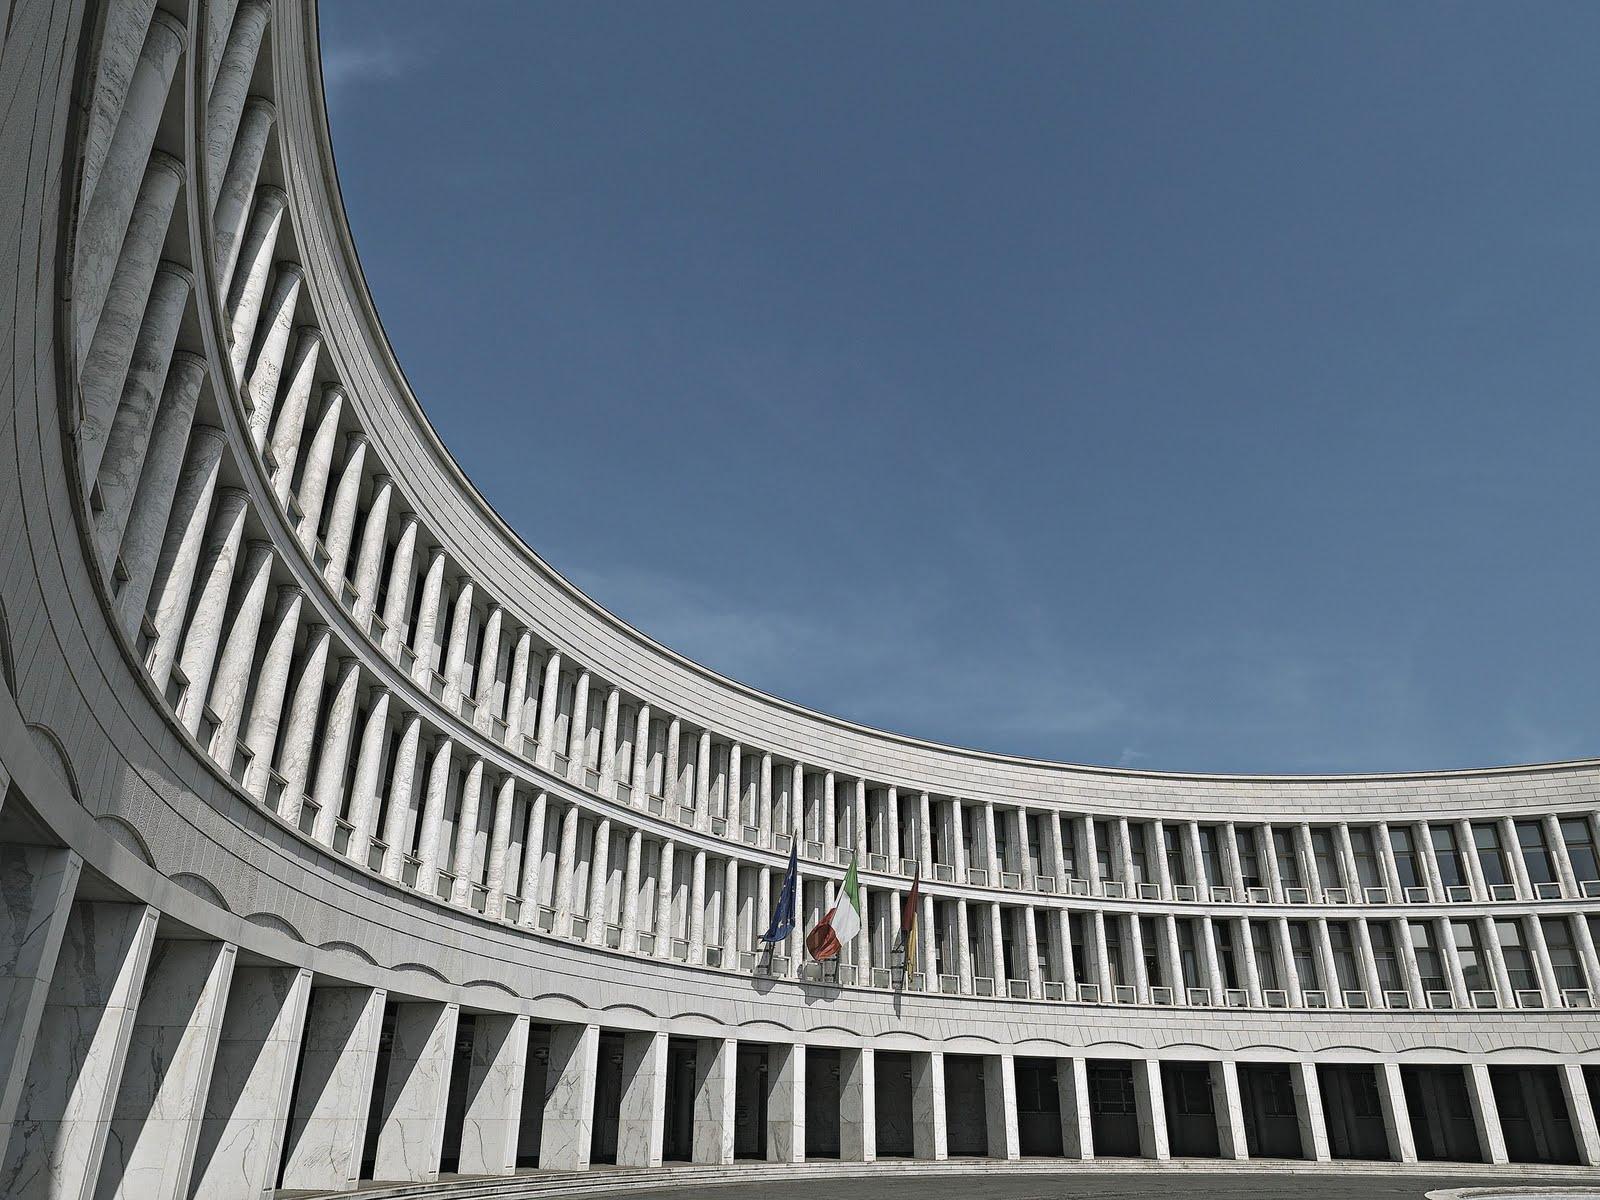 Wilmer e dintorni architettura fascista for Architettura fascista